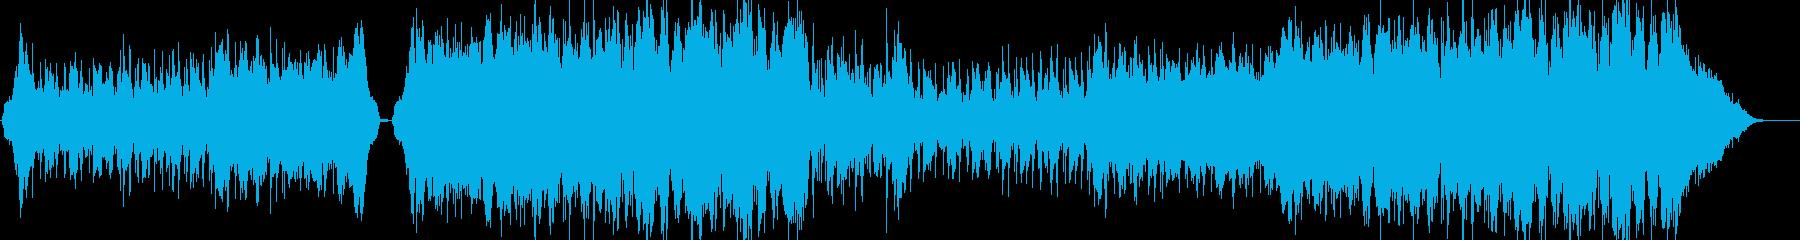 何かが迫っているようなシネマティック曲の再生済みの波形